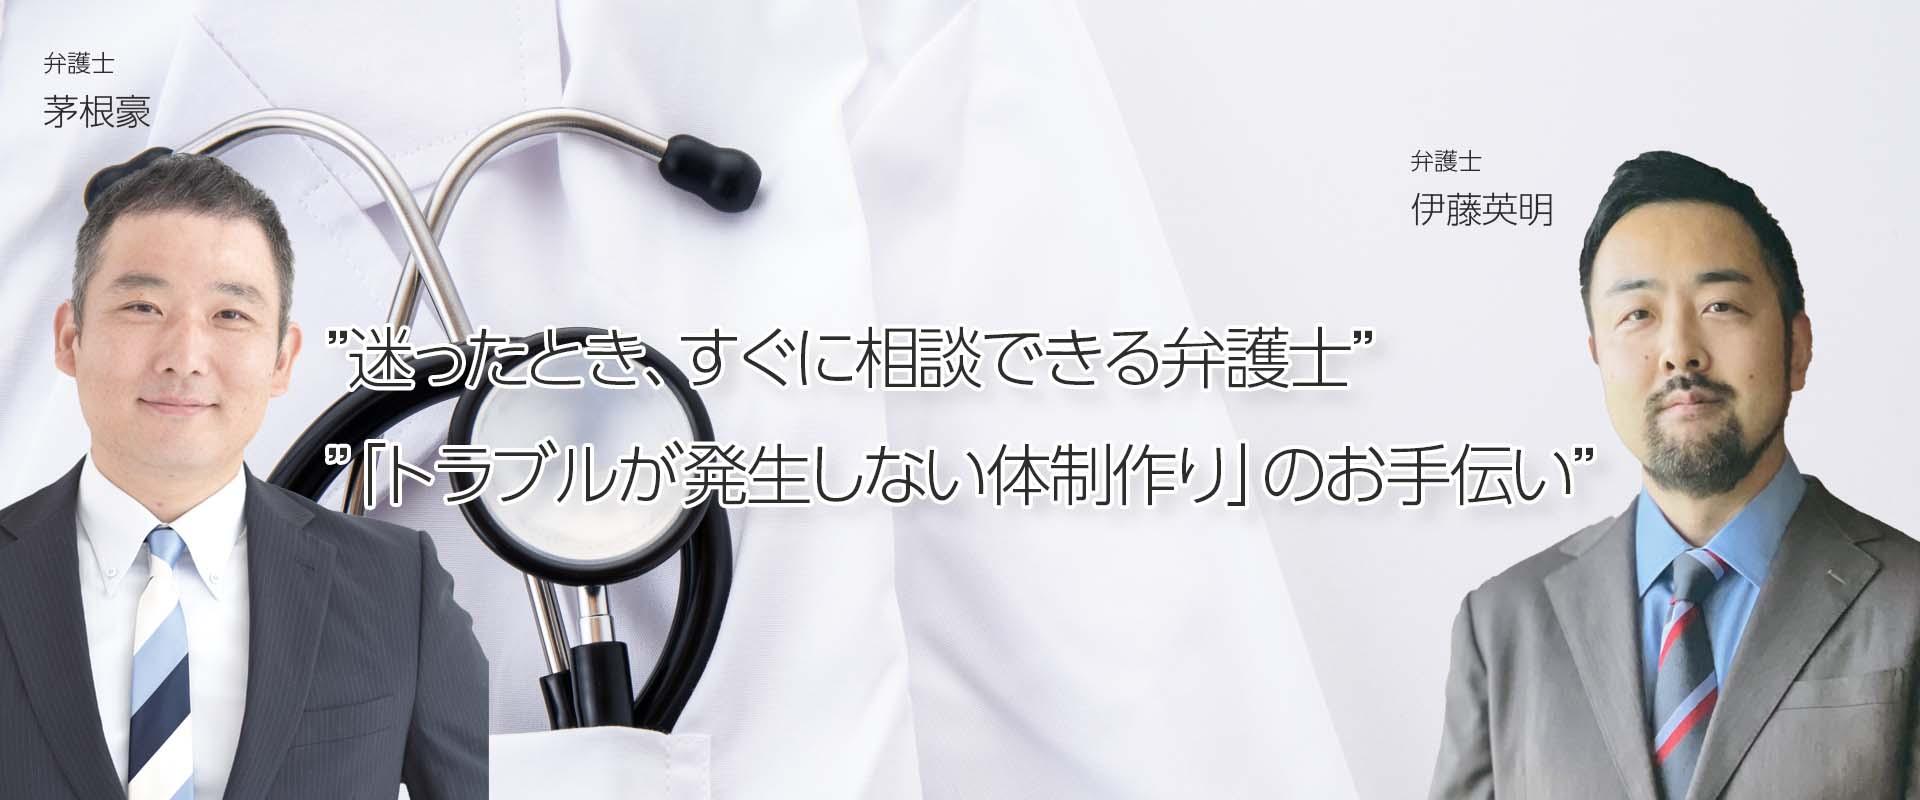 力新堂法律事務所は病院の顧問業に力を入れていますので、医師、歯科医師に詳しい弁護士をお探しの先生がおられましたら、ぜひとも一度ご相談ください。